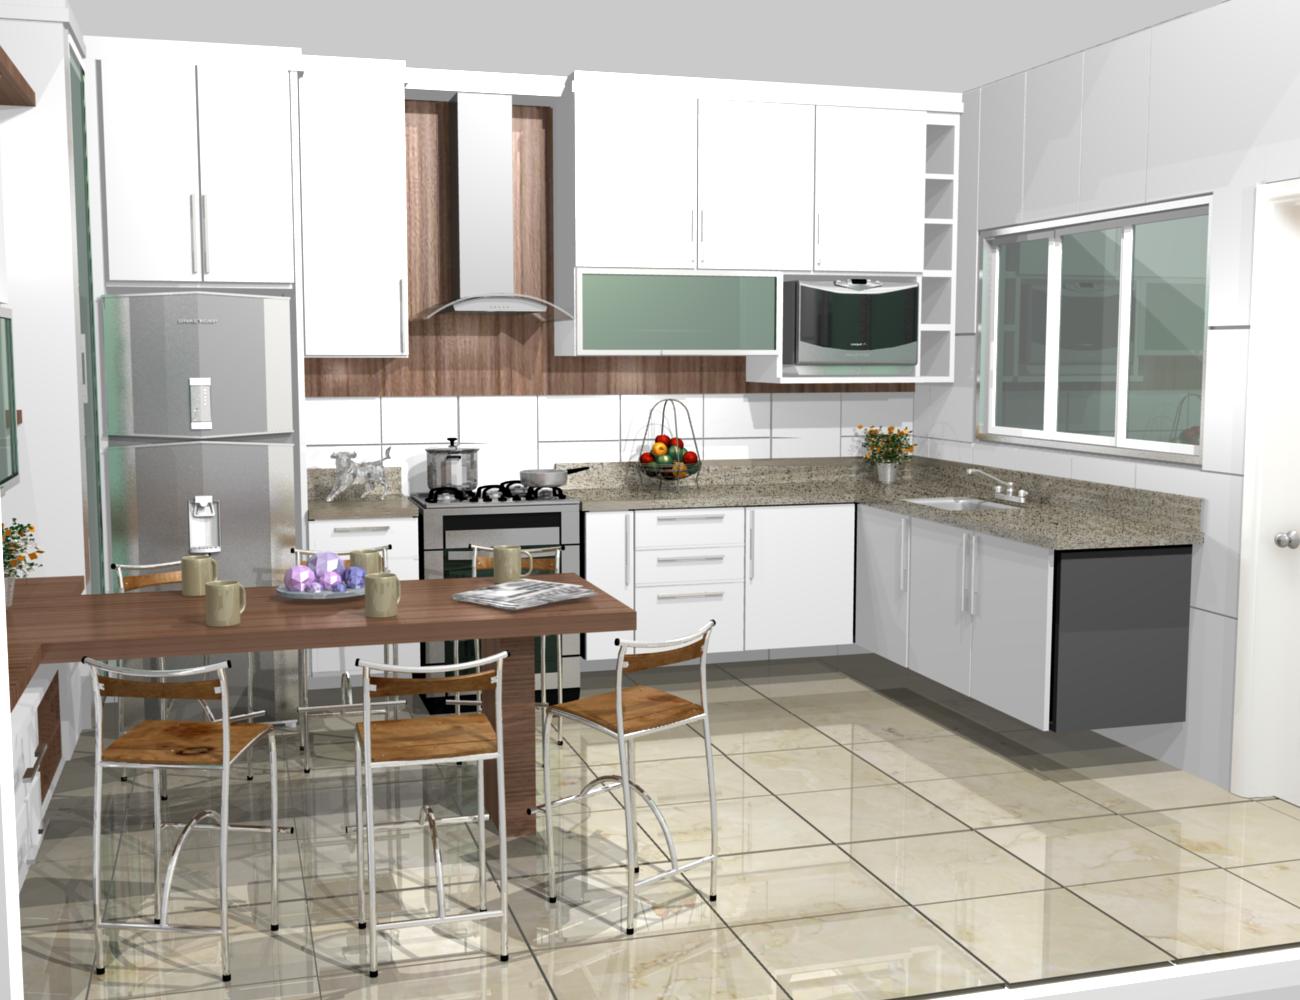 cozinha planejada com ilha fotosIdéias de decoração para casa #654C3B 1300 1000